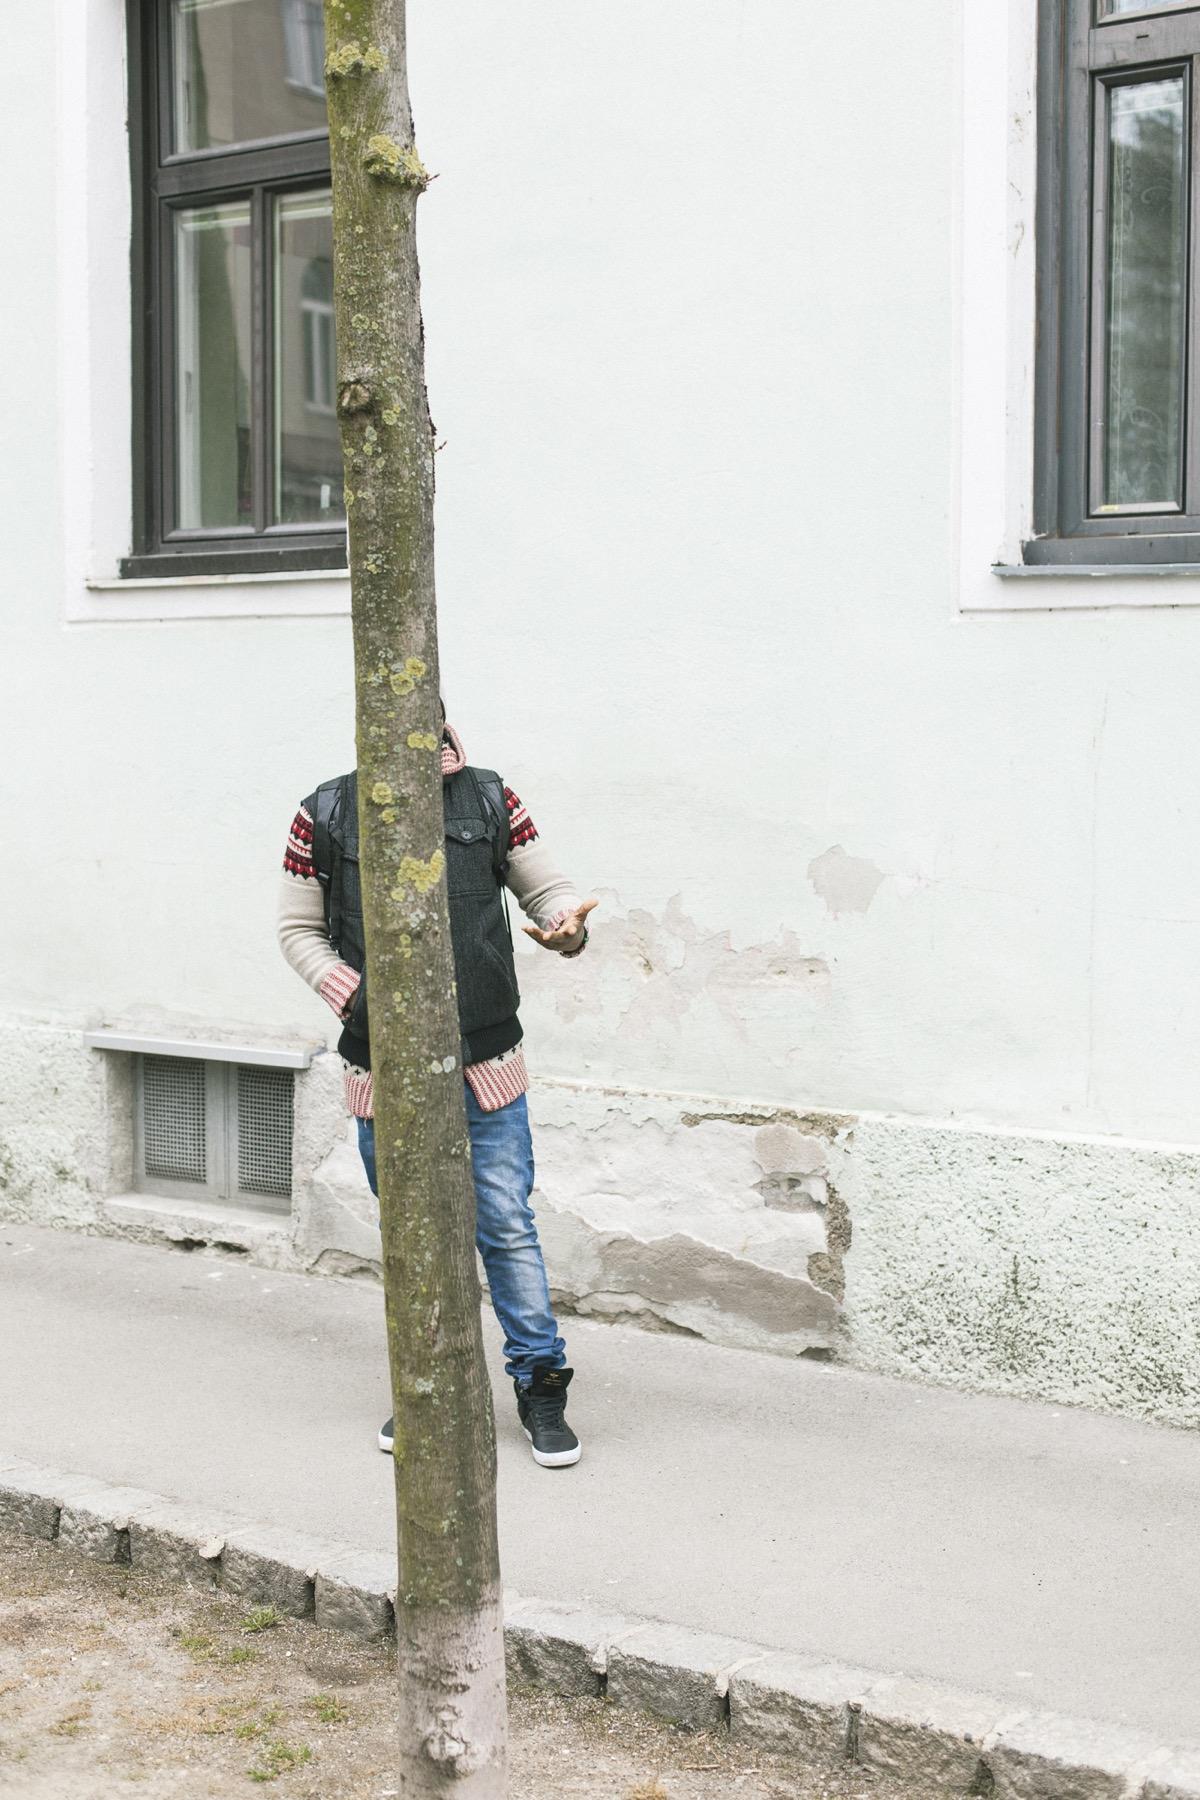 Foto: Niko Havranek / Helden-von-heute.at